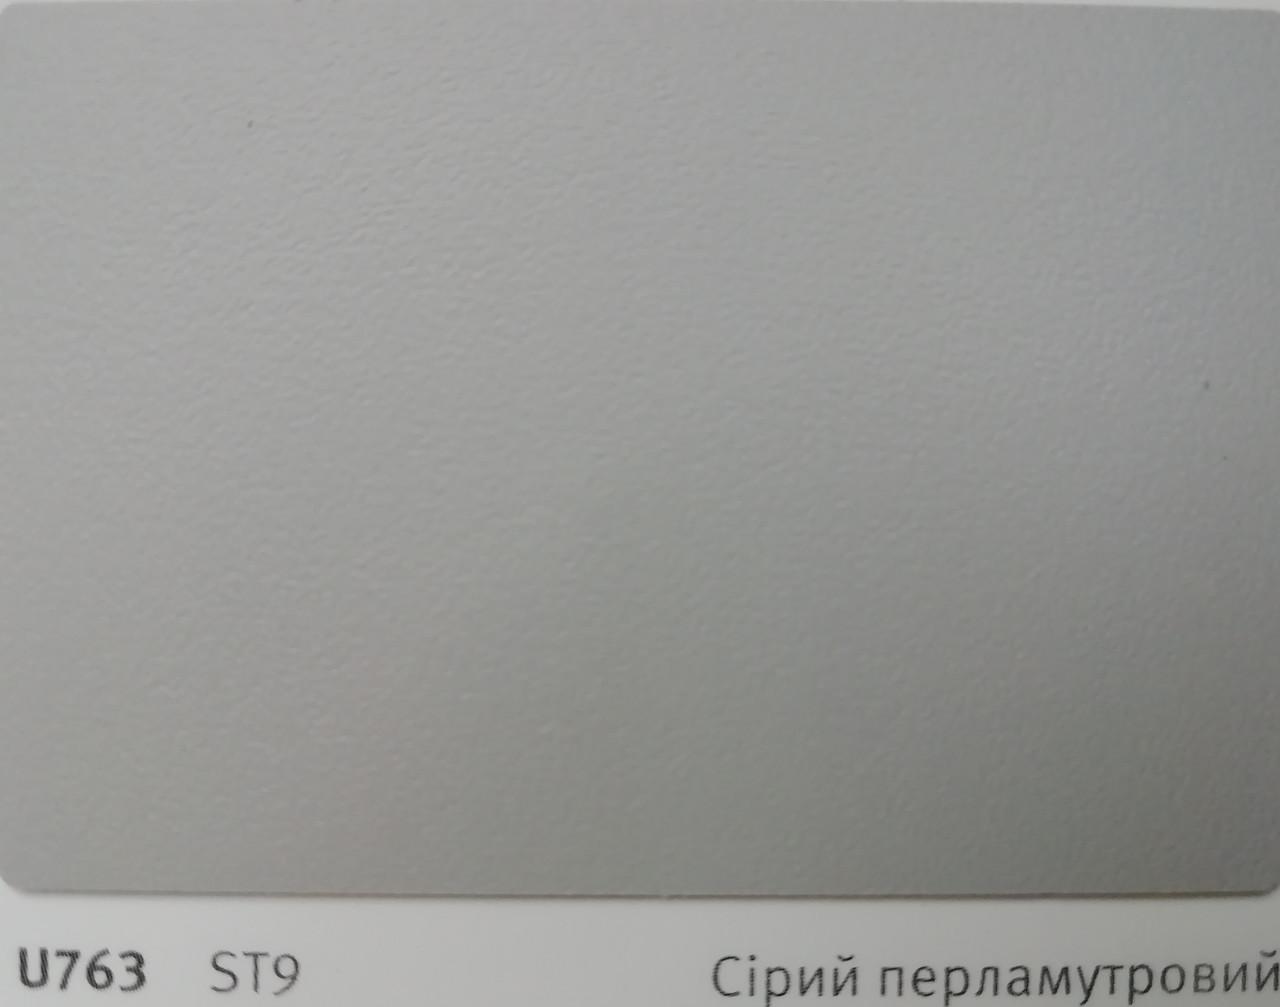 Крайка (кромка) АБС U763 ST9 сірий перломутровий (EGGER)